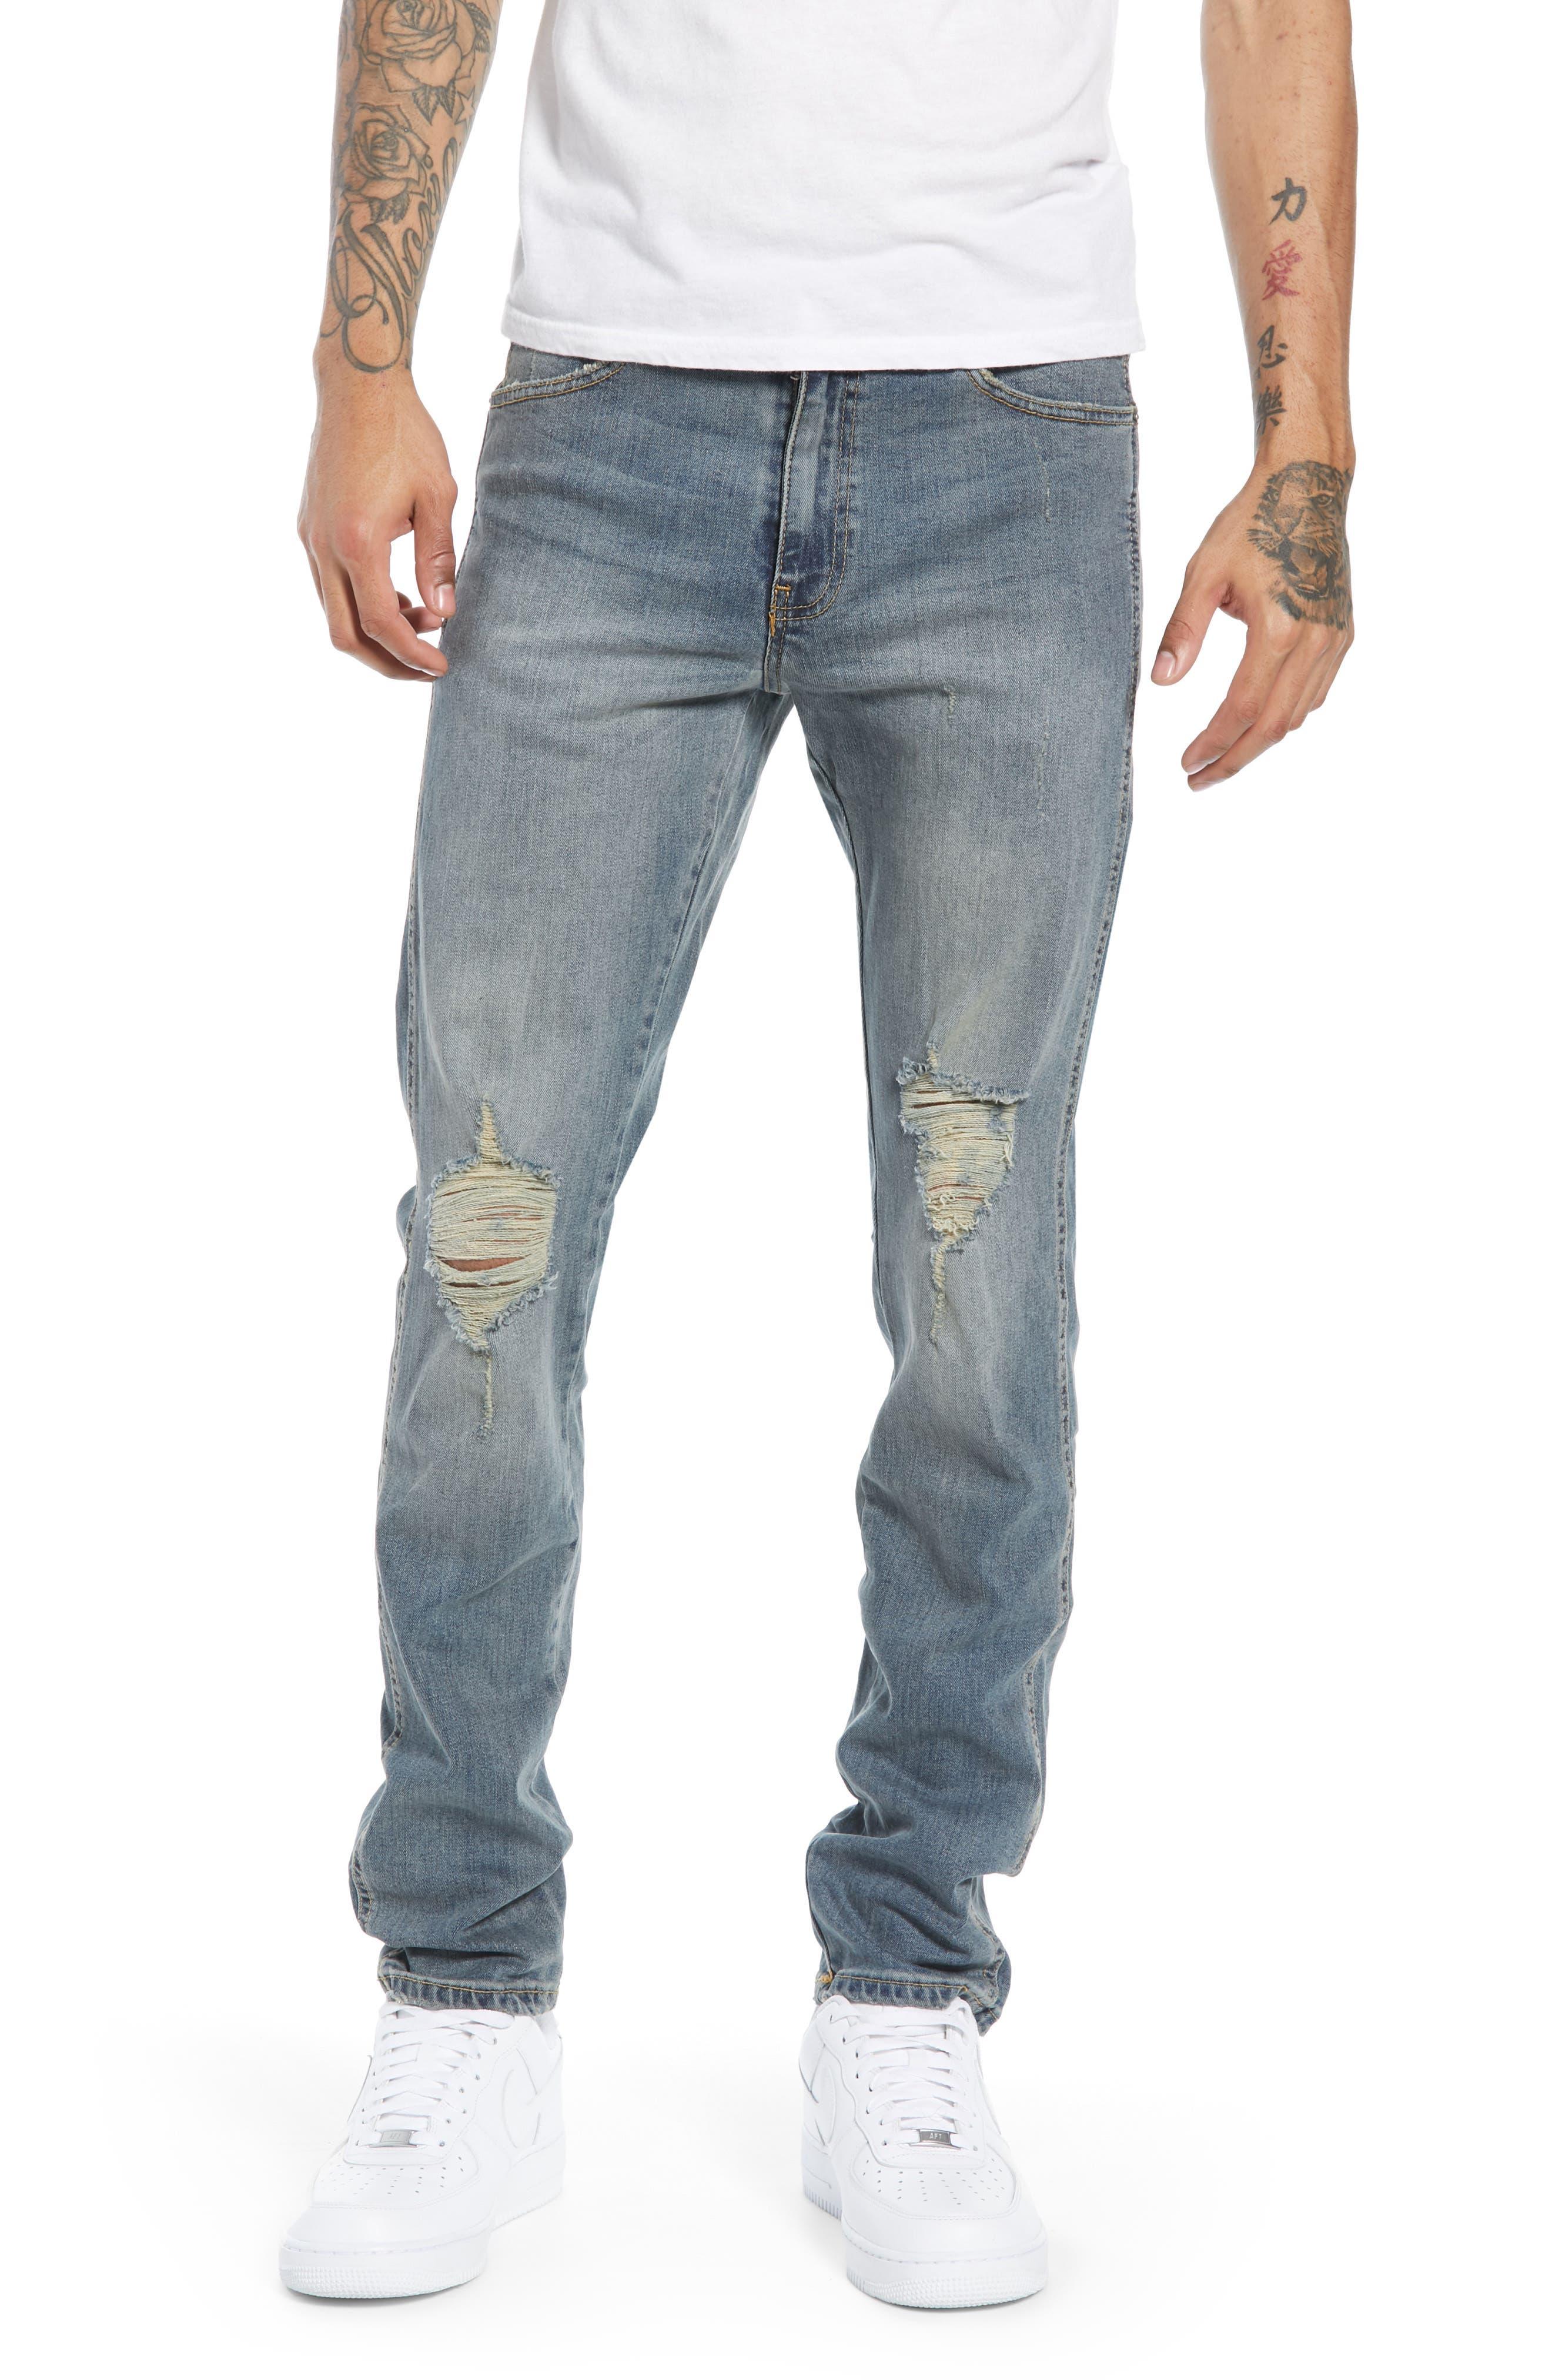 Snap Skinny Fit Jeans,                         Main,                         color, LIGHT OLD DESTROY